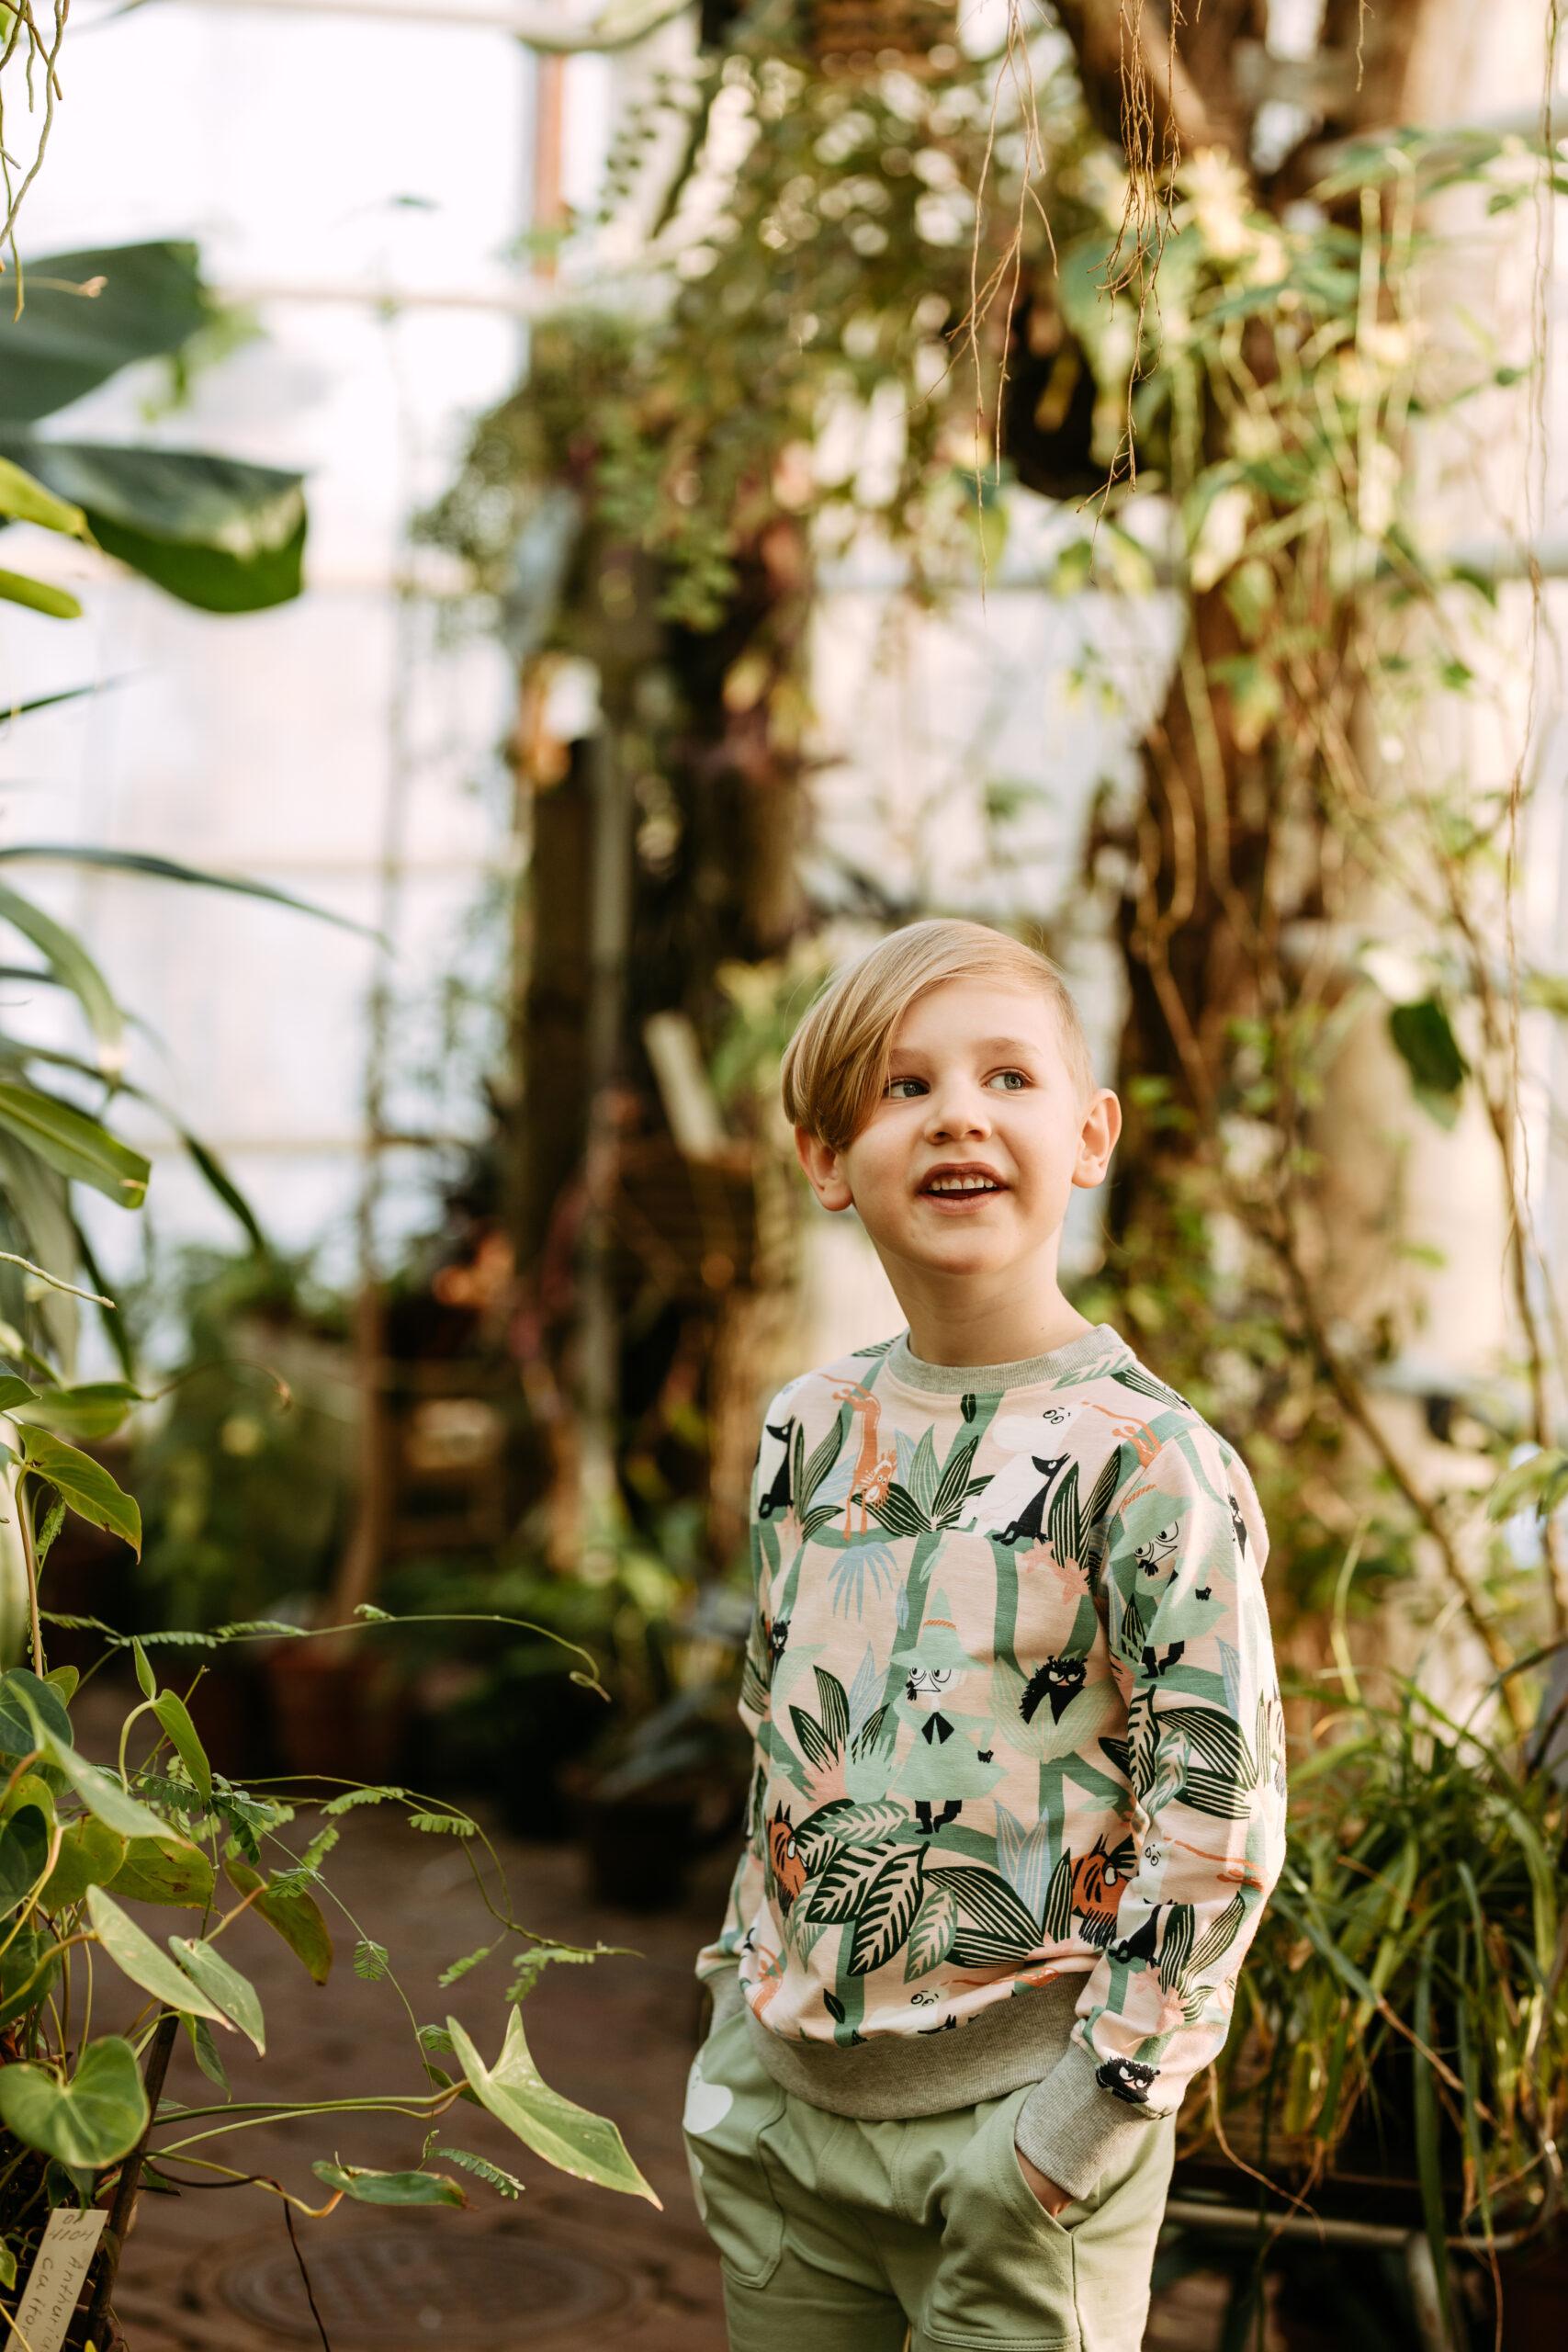 Martinex Moomin Tree Grown Sweatshirt Green